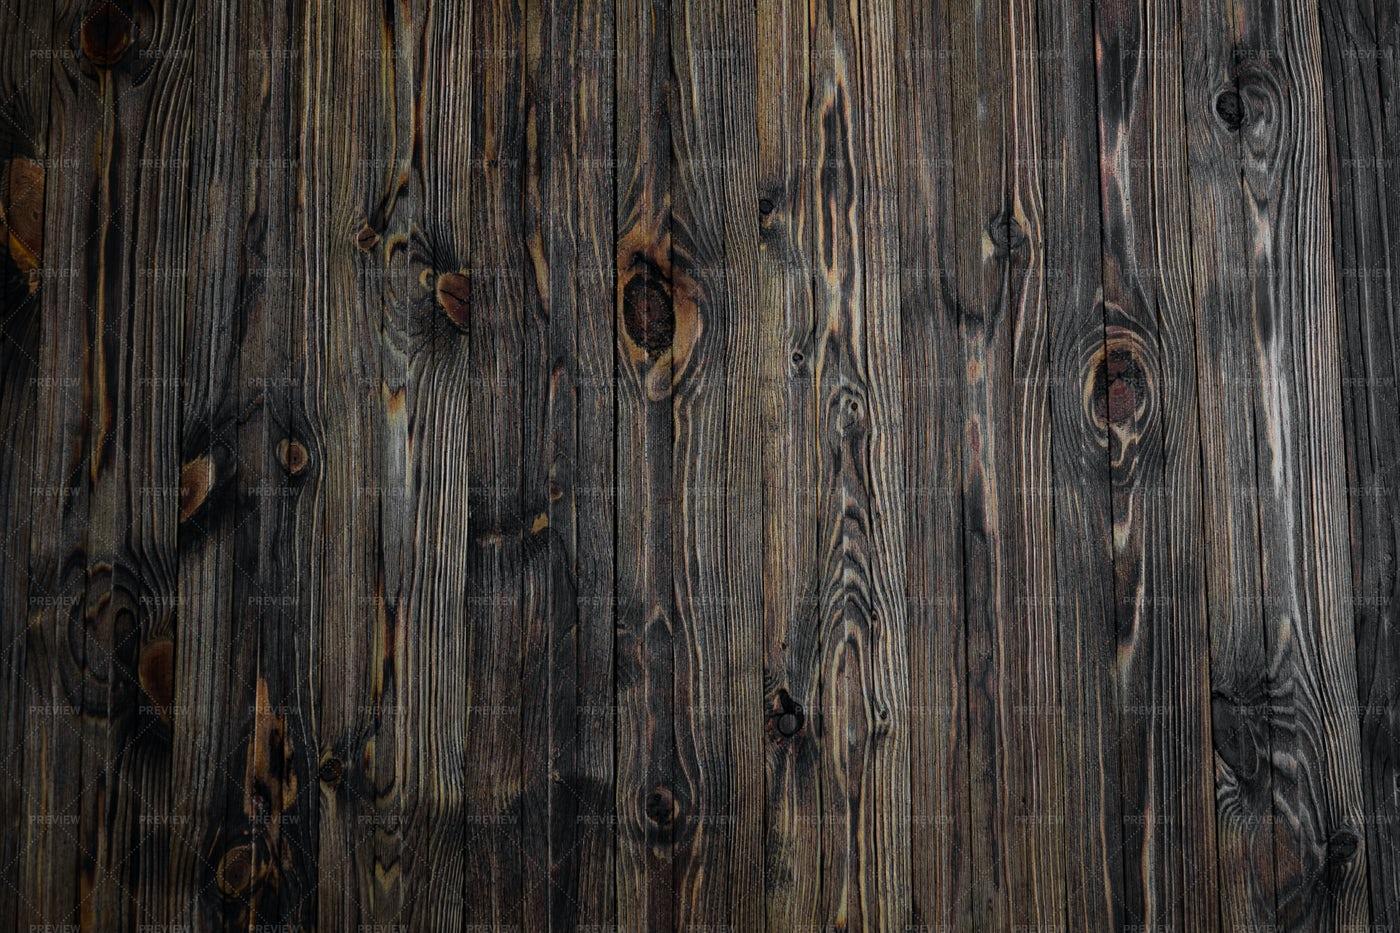 Dark Wood Surface Texture: Stock Photos